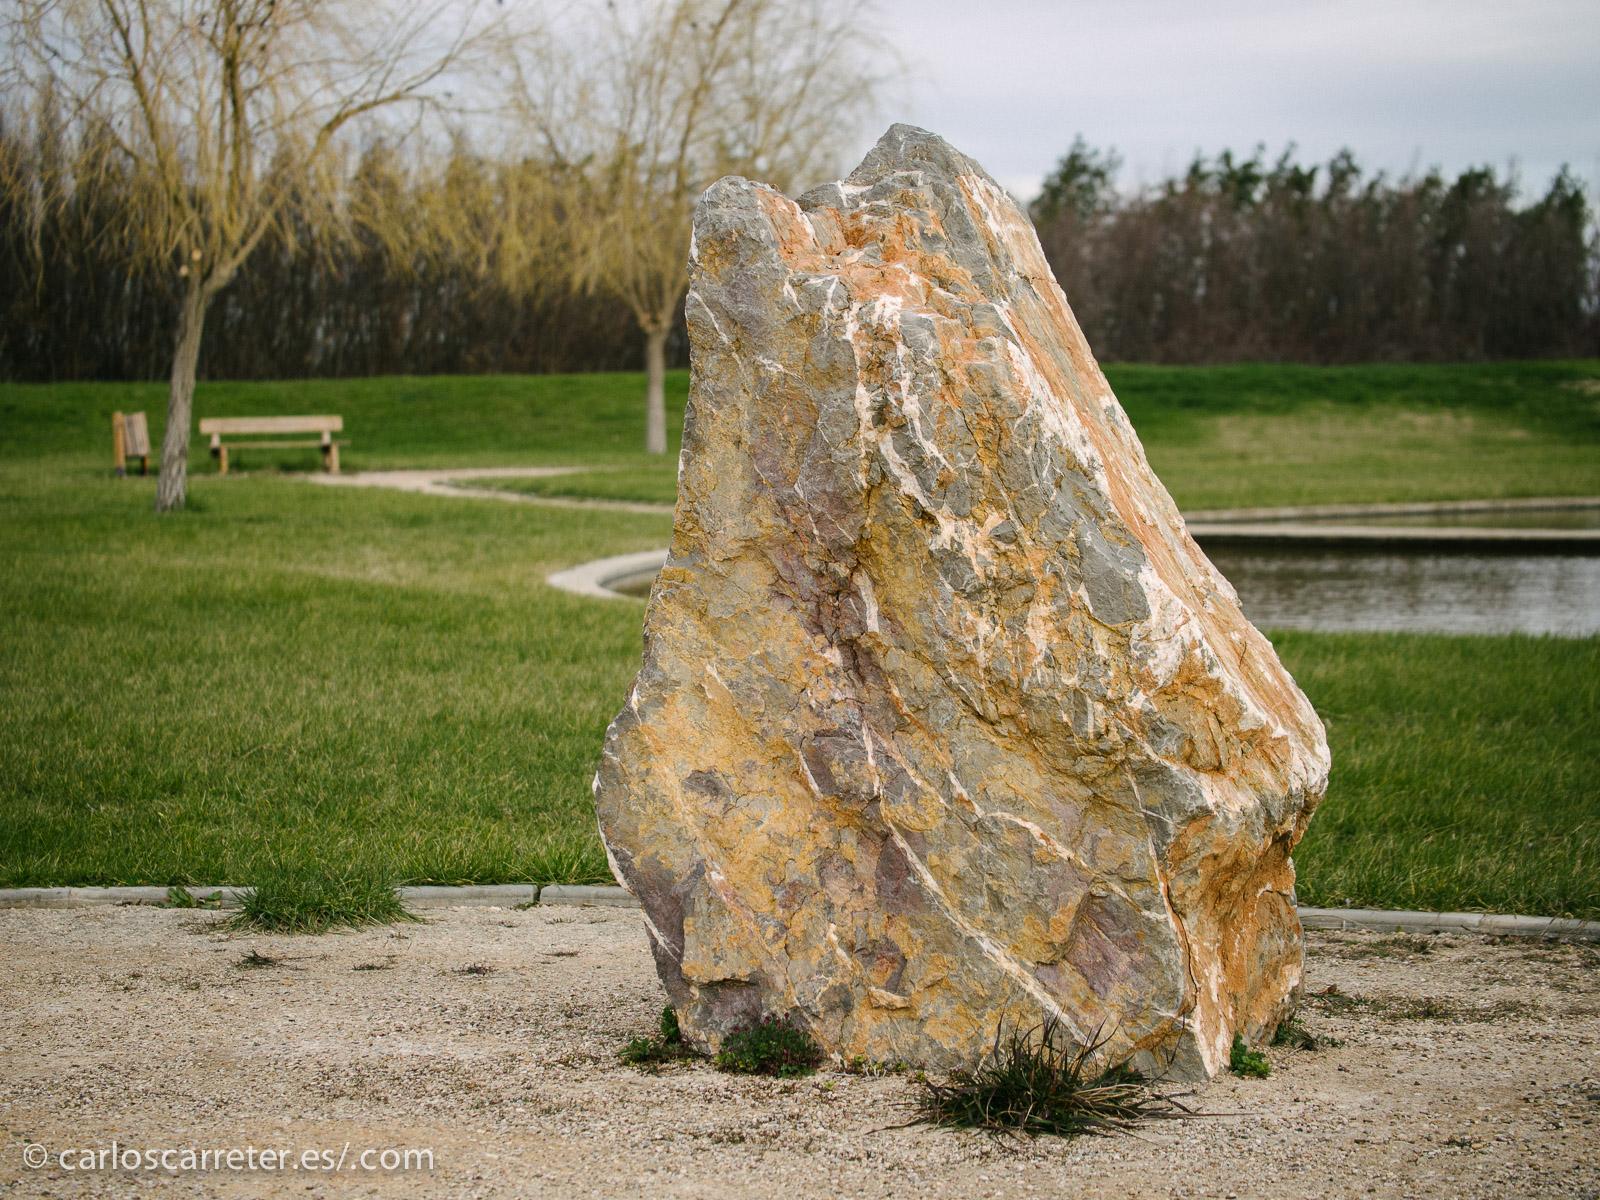 Hemos comenzado la mañana, tras trasladarnos al lugar, visitando el Jardín de Piedras.